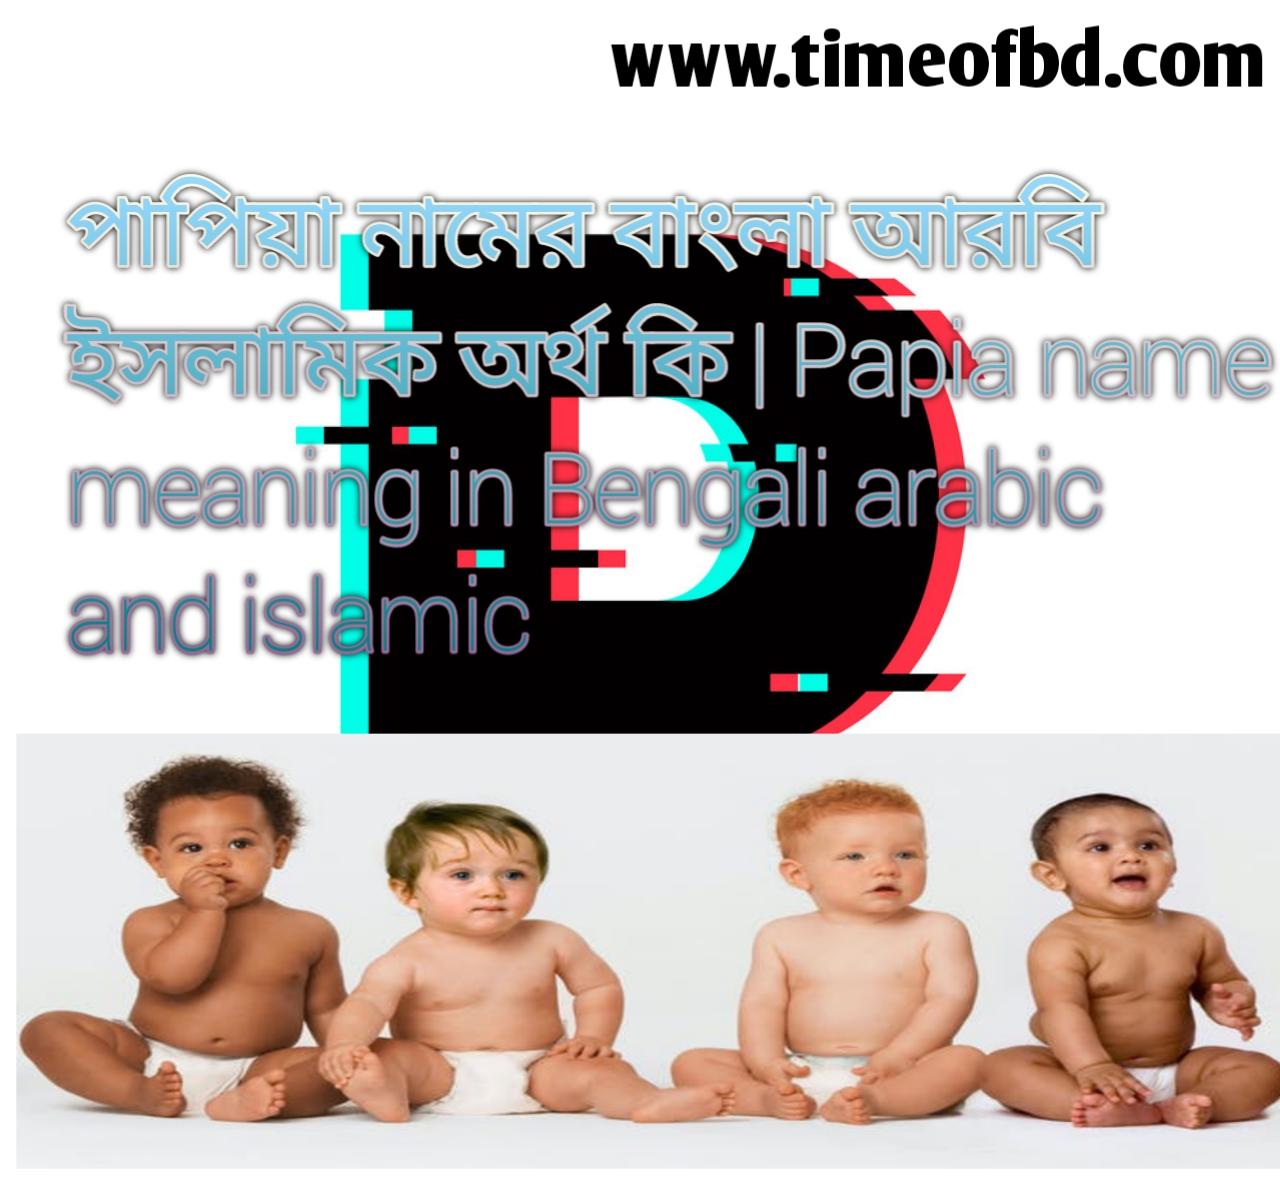 পাপিয়া নামের অর্থ কি, পাপিয়া নামের বাংলা অর্থ কি, পাপিয়া নামের ইসলামিক অর্থ কি, Papia name meaning in Bengali, পাপিয়া কি ইসলামিক নাম,